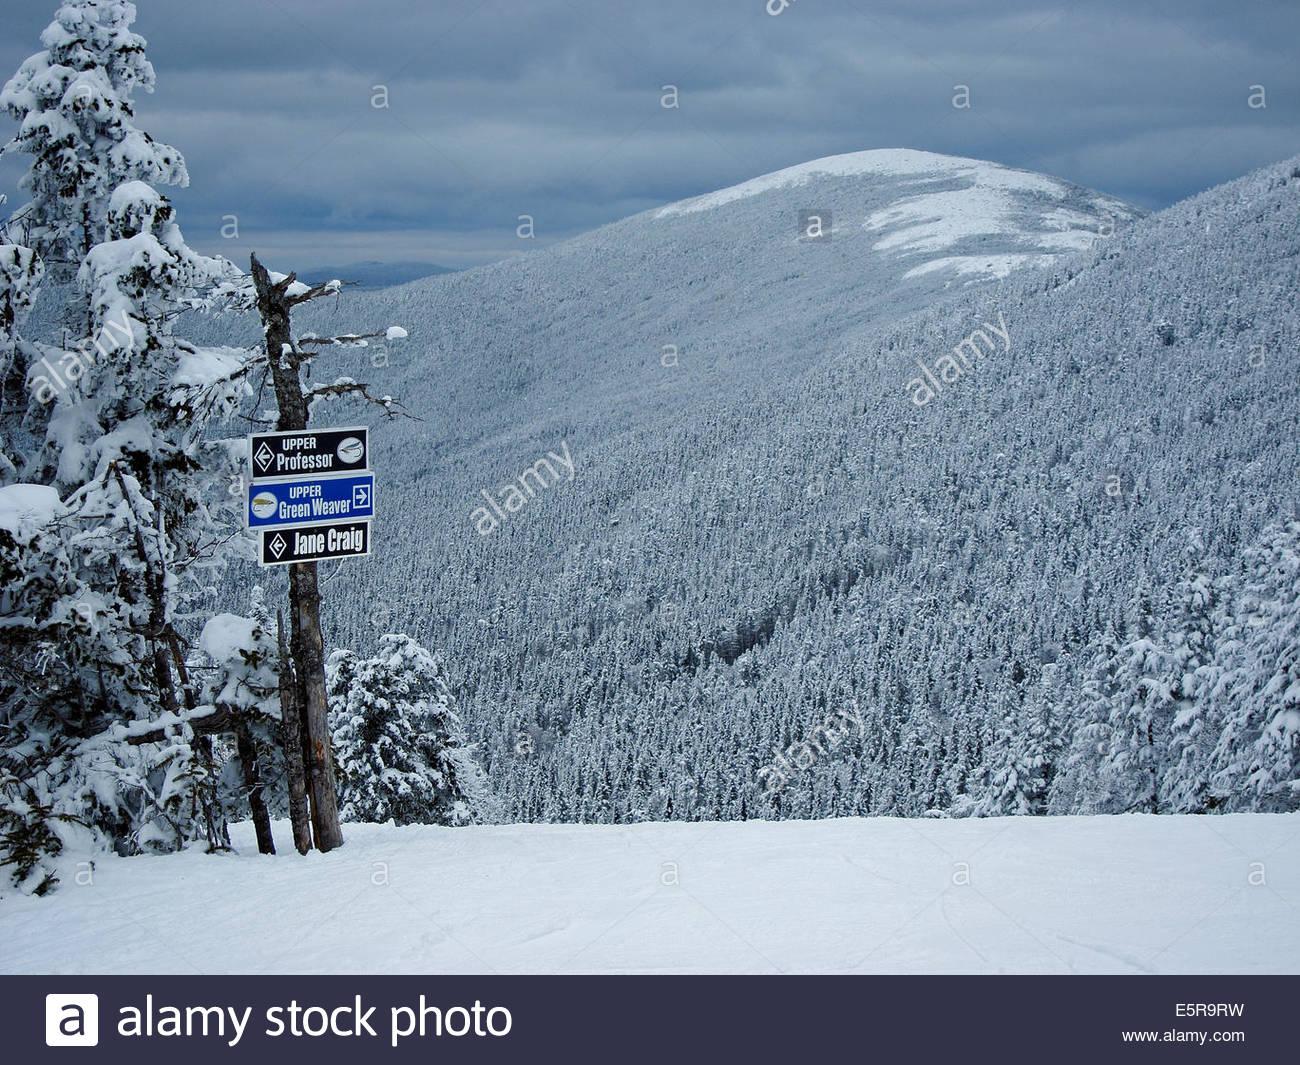 saddleback ski area stock photos & saddleback ski area stock images